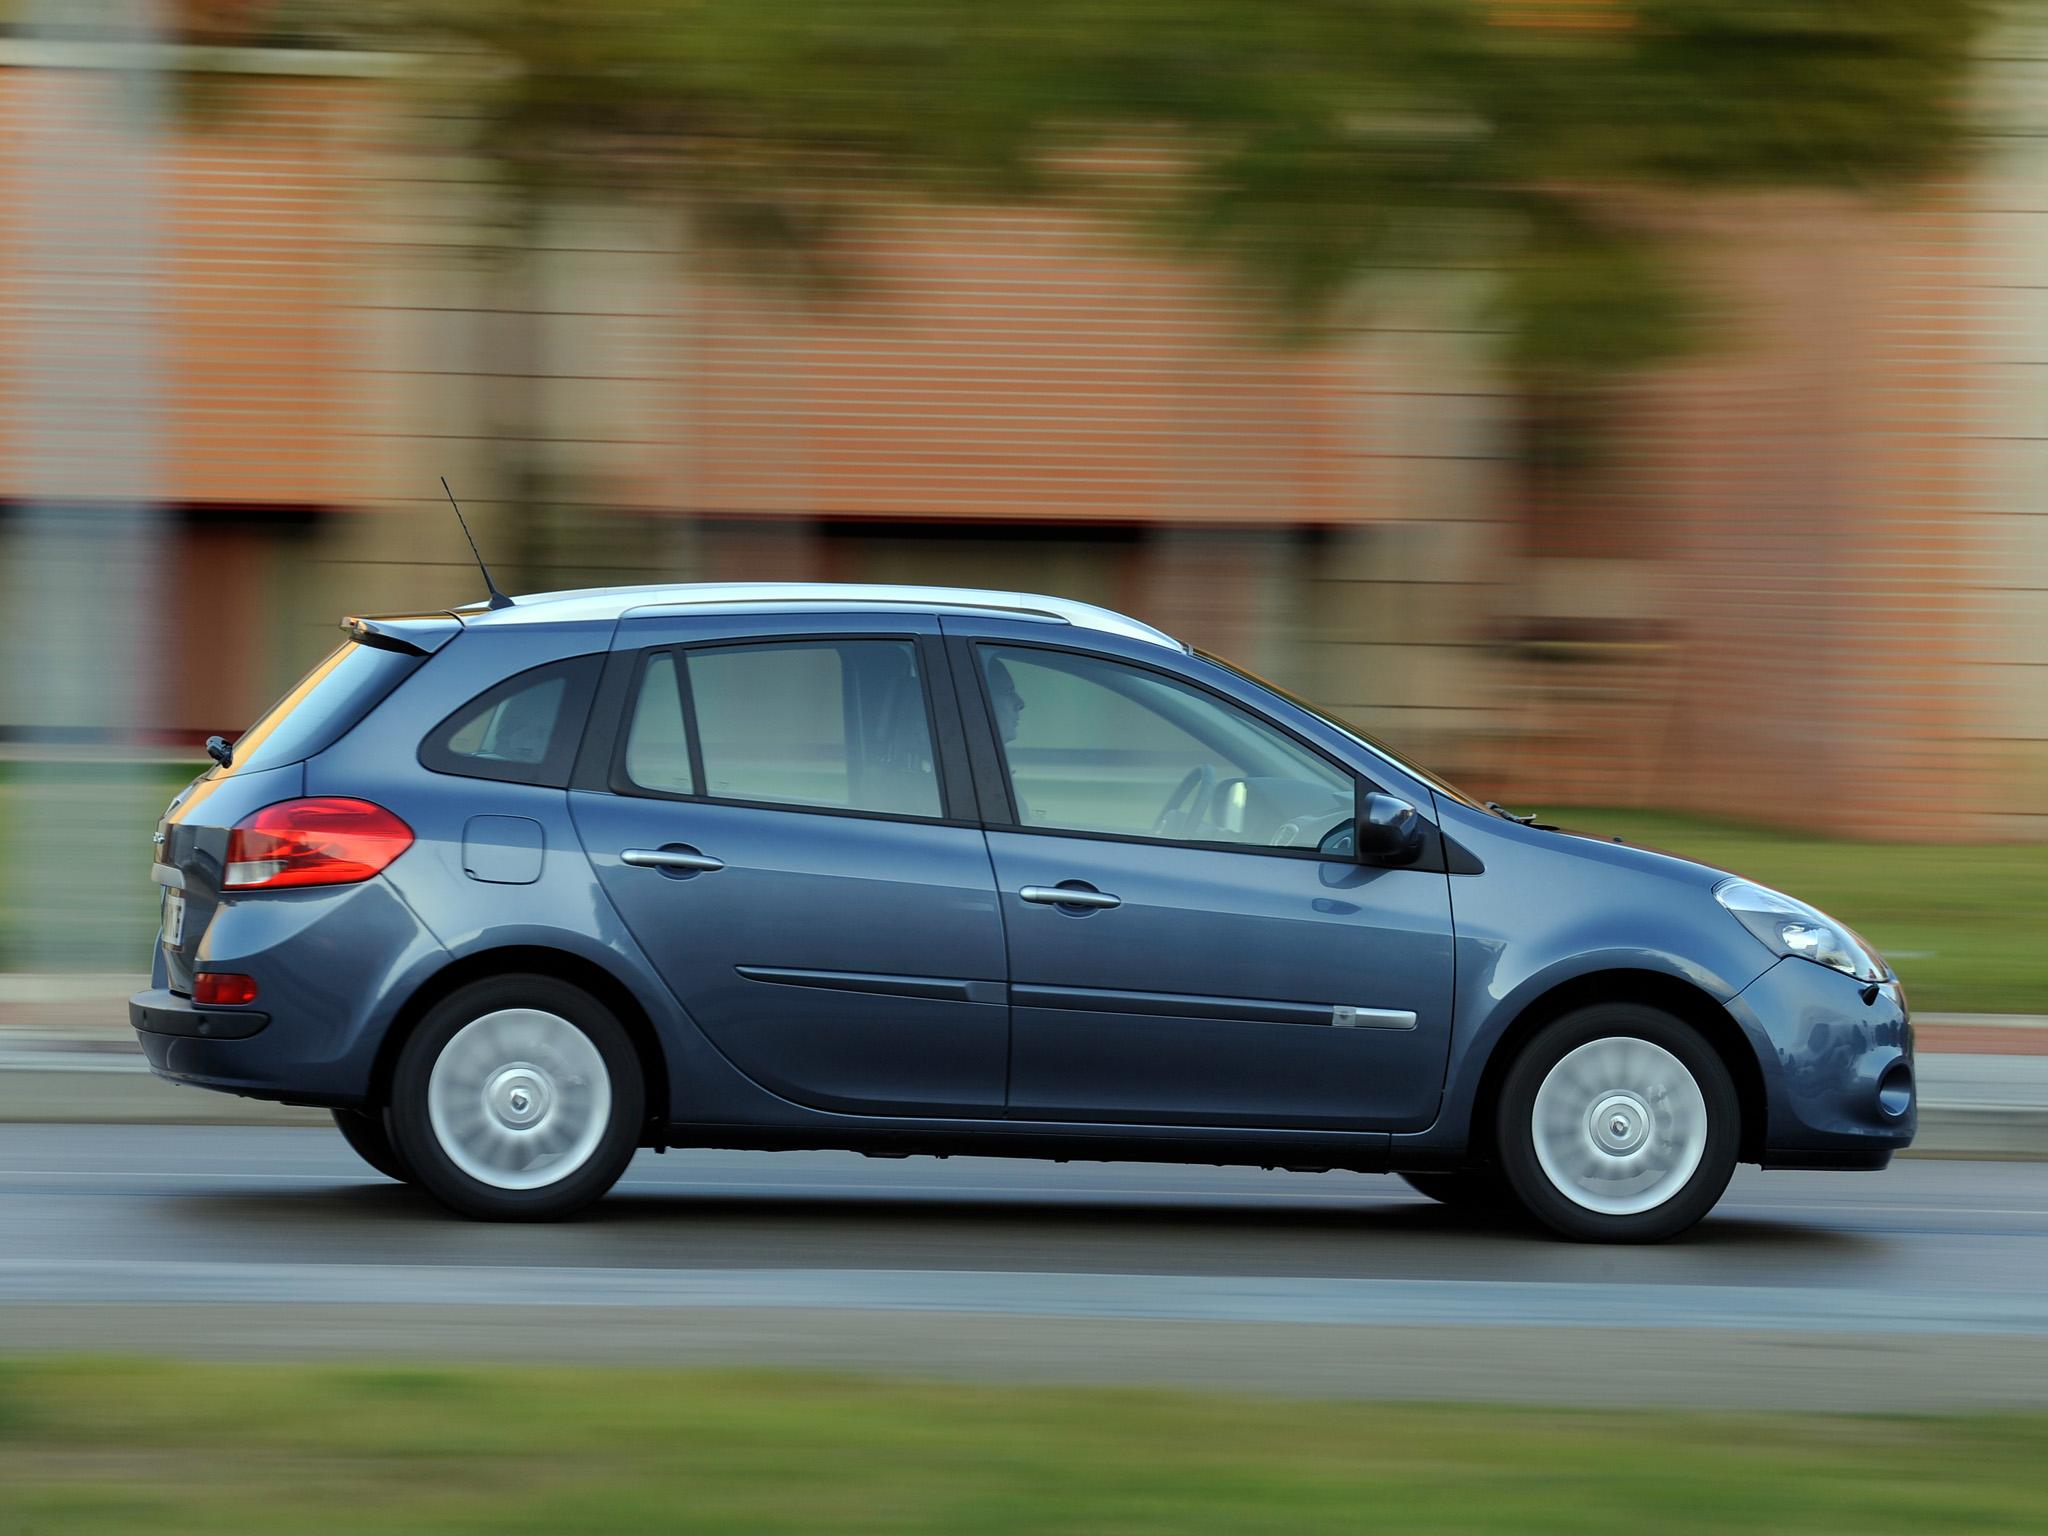 Renault Clio Esate - Autovisie.nl